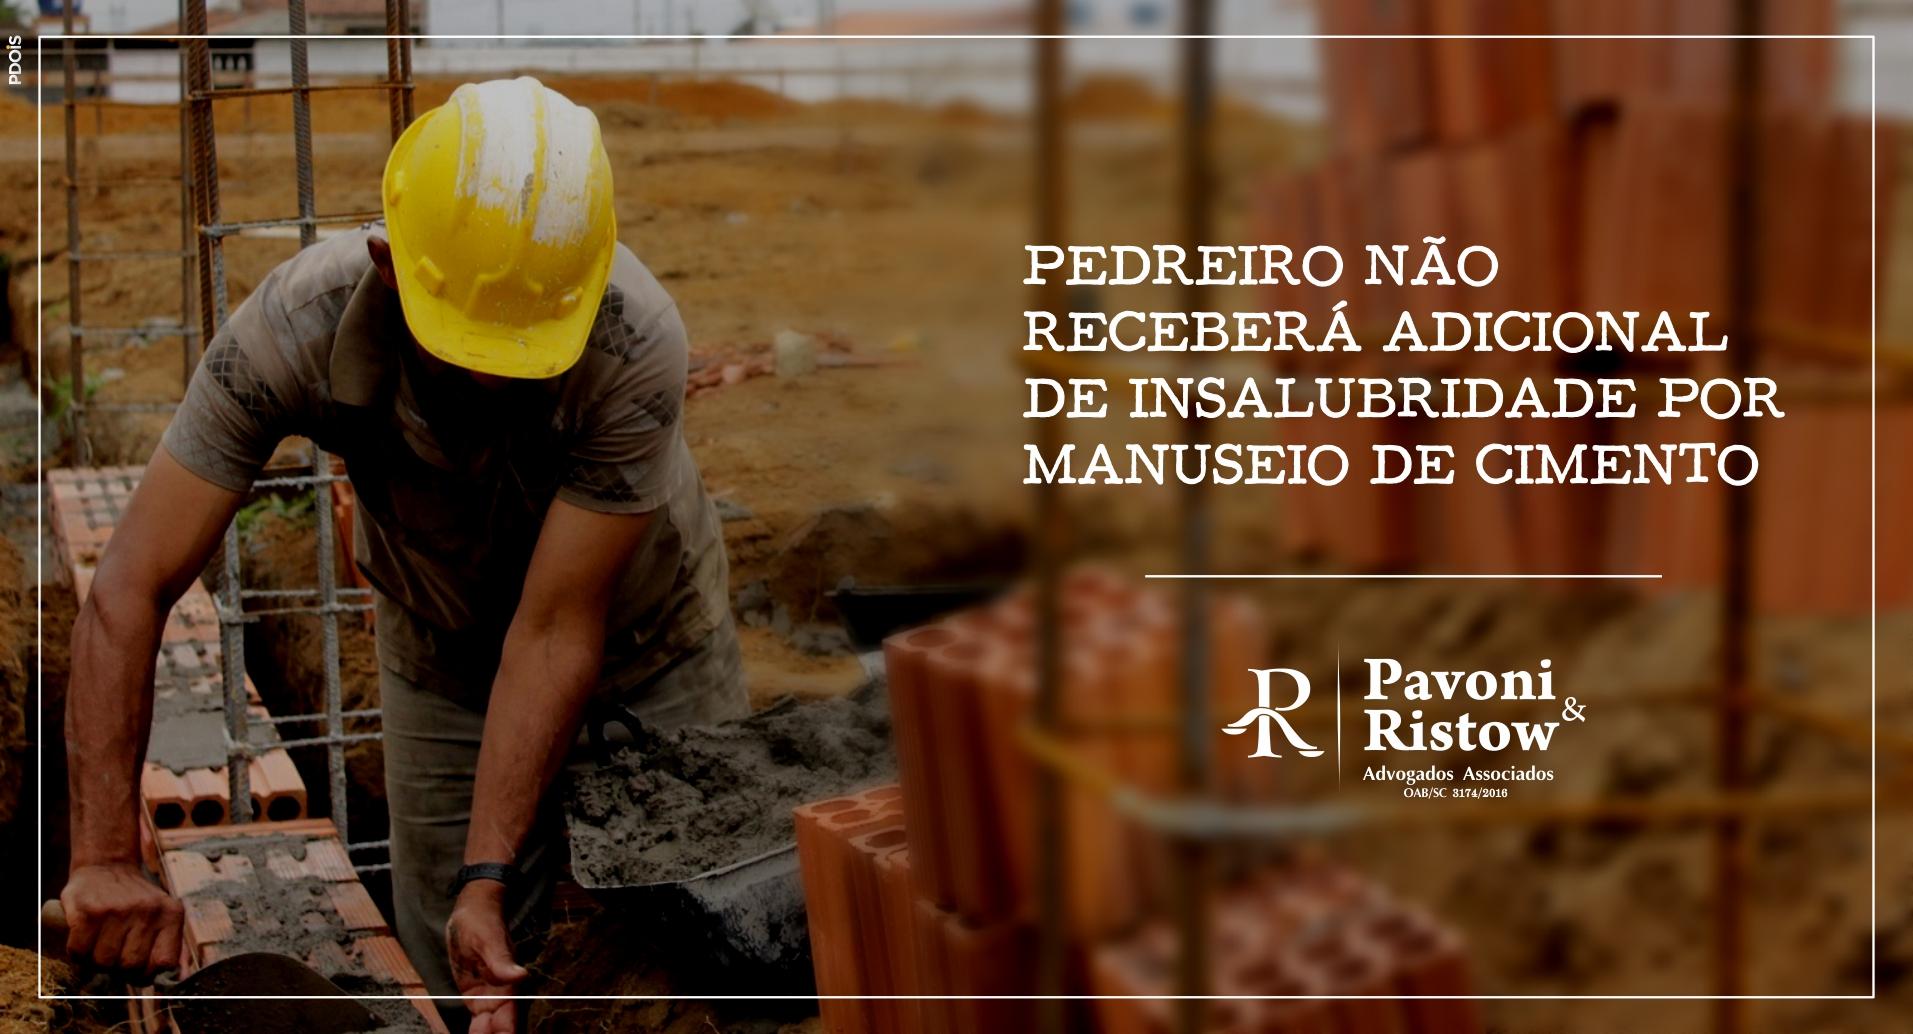 PEDREIRO NÃO RECEBERÁ ADICIONAL DE INSALUBRIDADE POR MANUSEIO DE CIMENTO